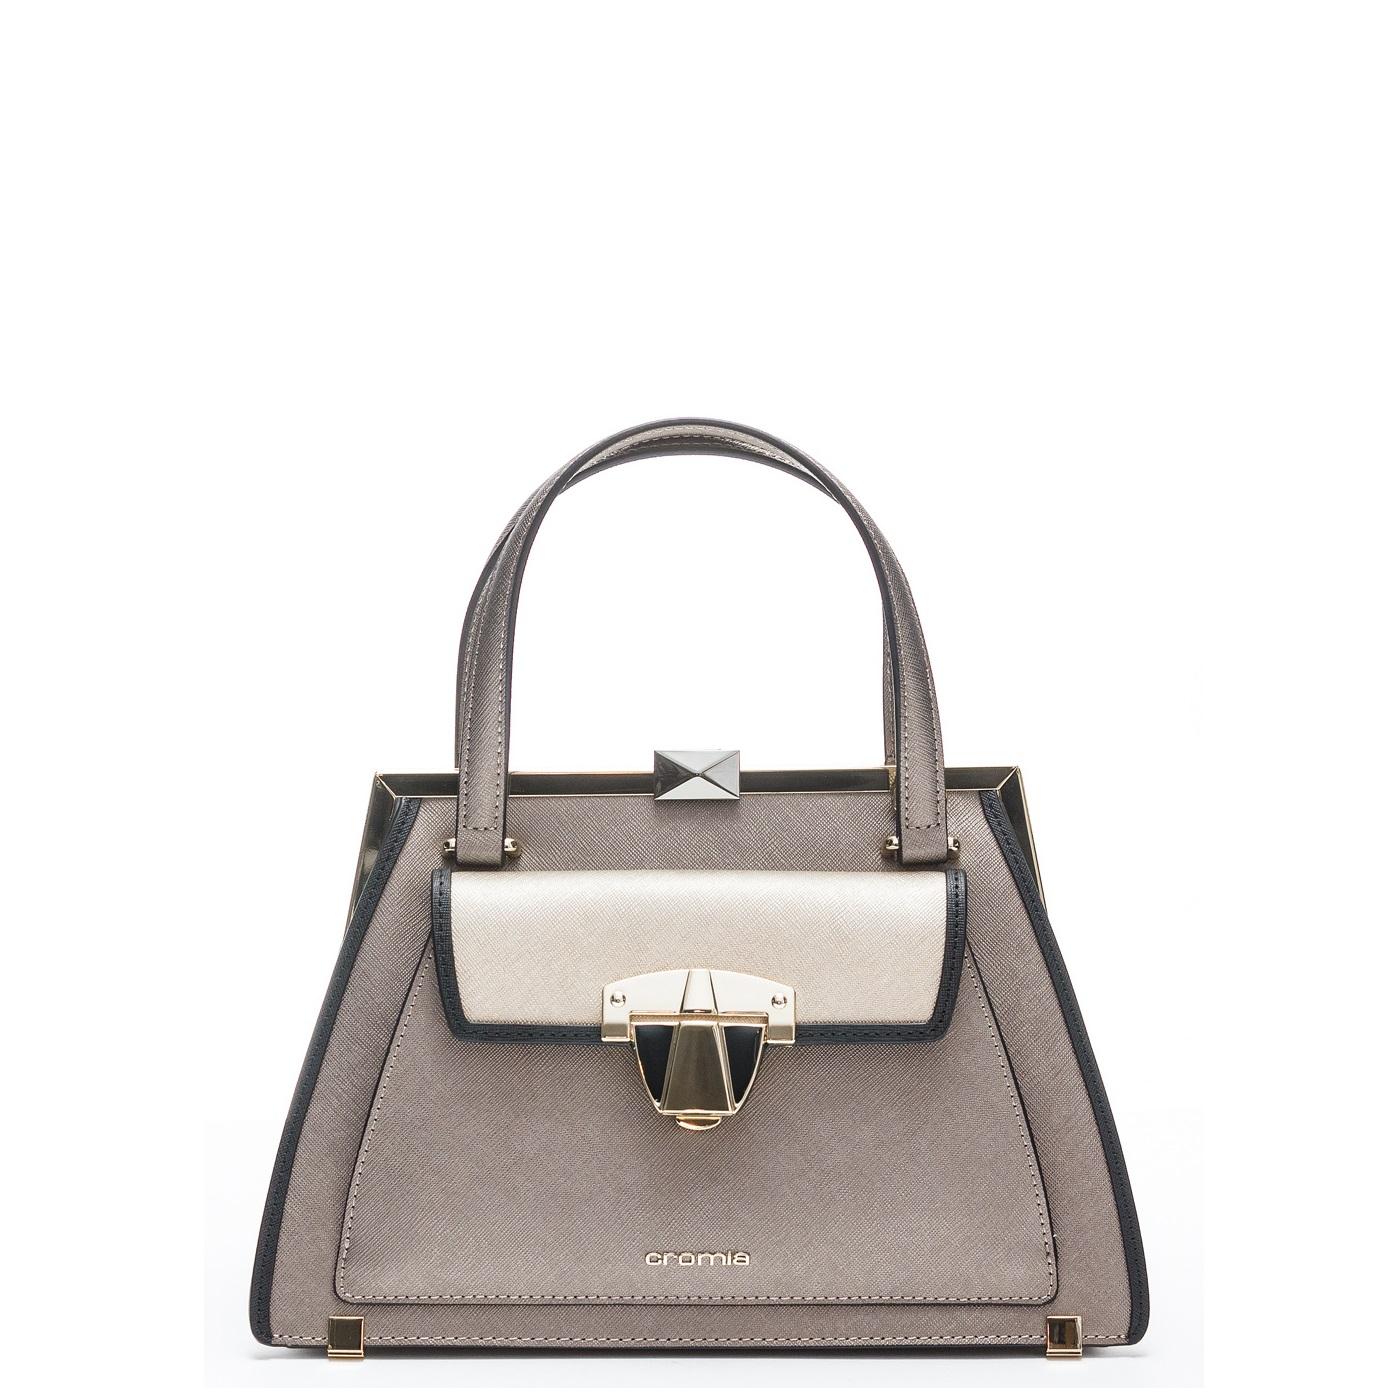 aecff07c0d2e Купить среднюю сумку Cromia 1403948 серую - низкая цена, доставка